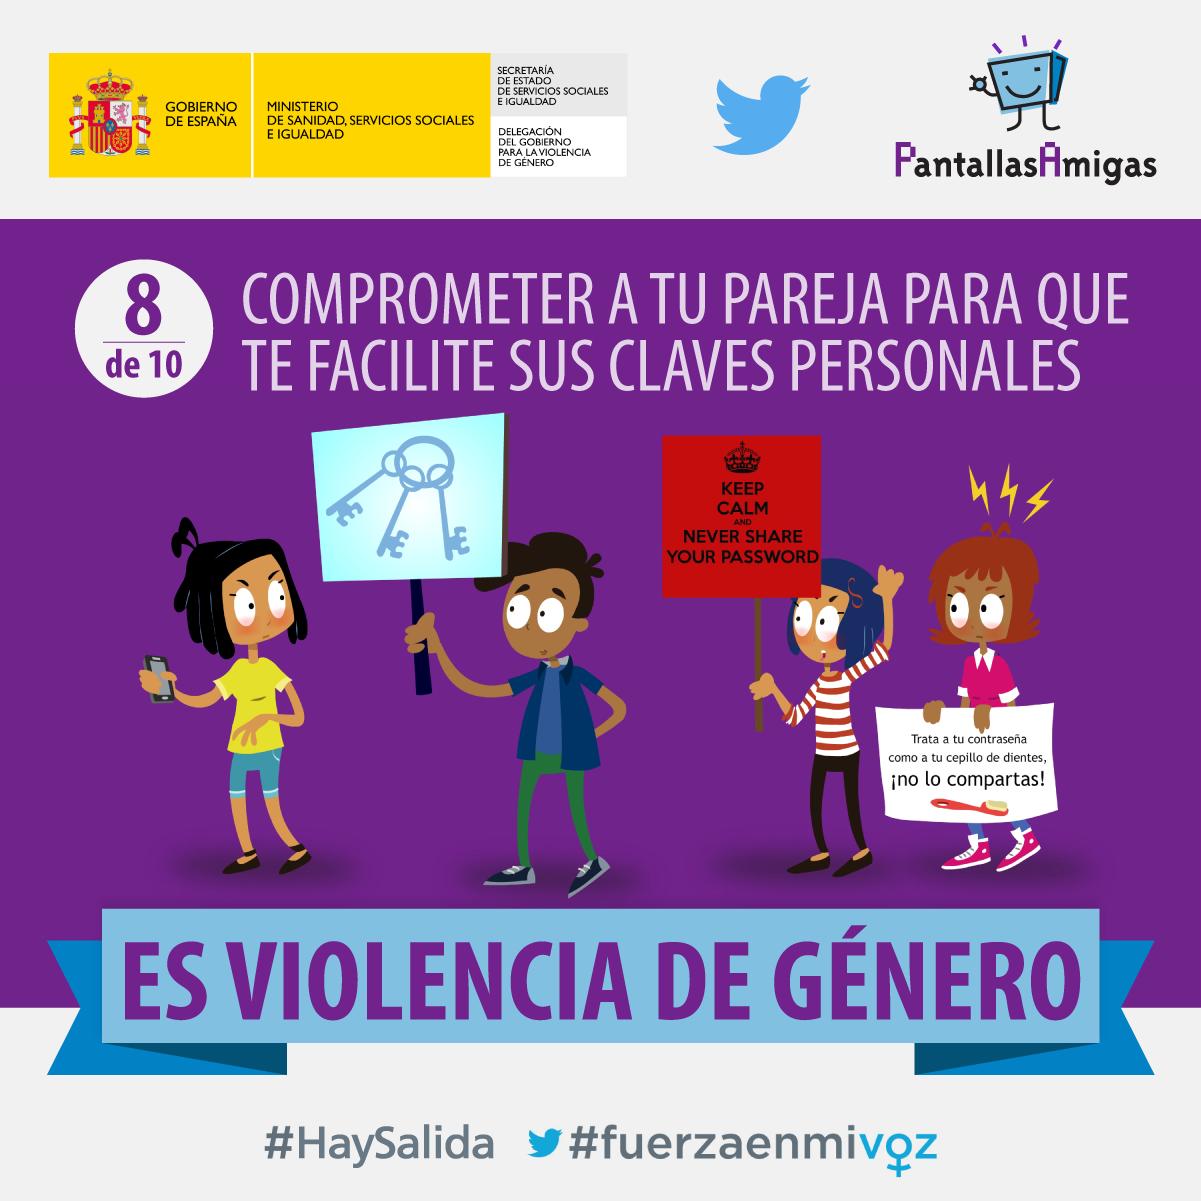 10-FORMAS-VIOLENCIA-DE-GÉNERO-DIGITAL_08_10_Contraseñas